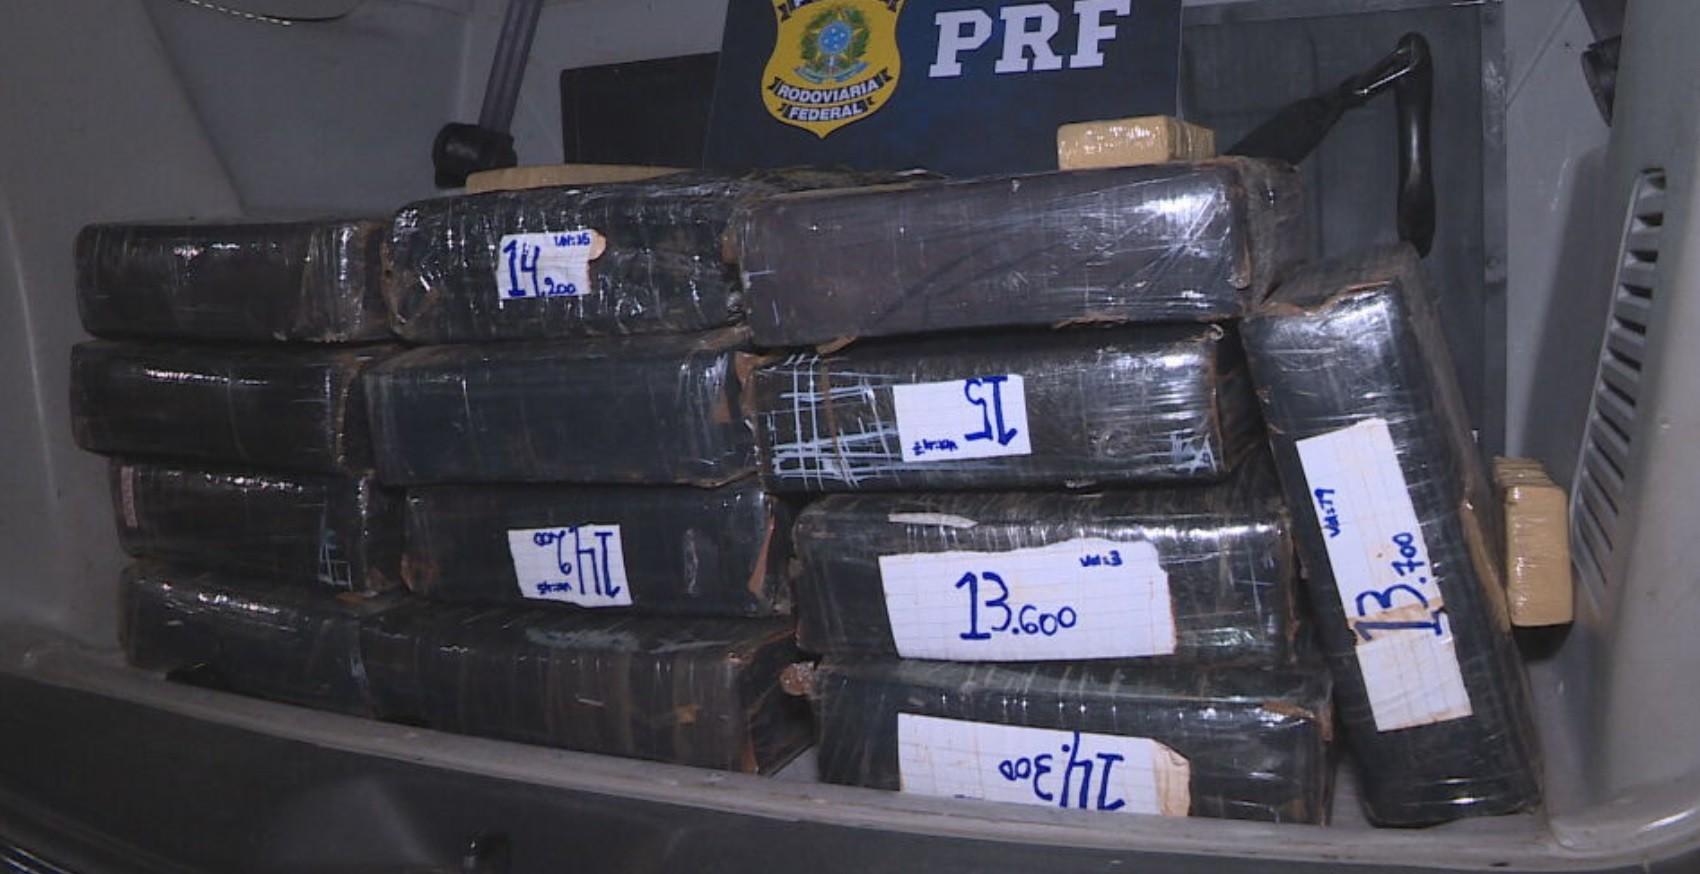 Polícia prende suspeito com 180kg de maconha dentro do carro, em Contagem